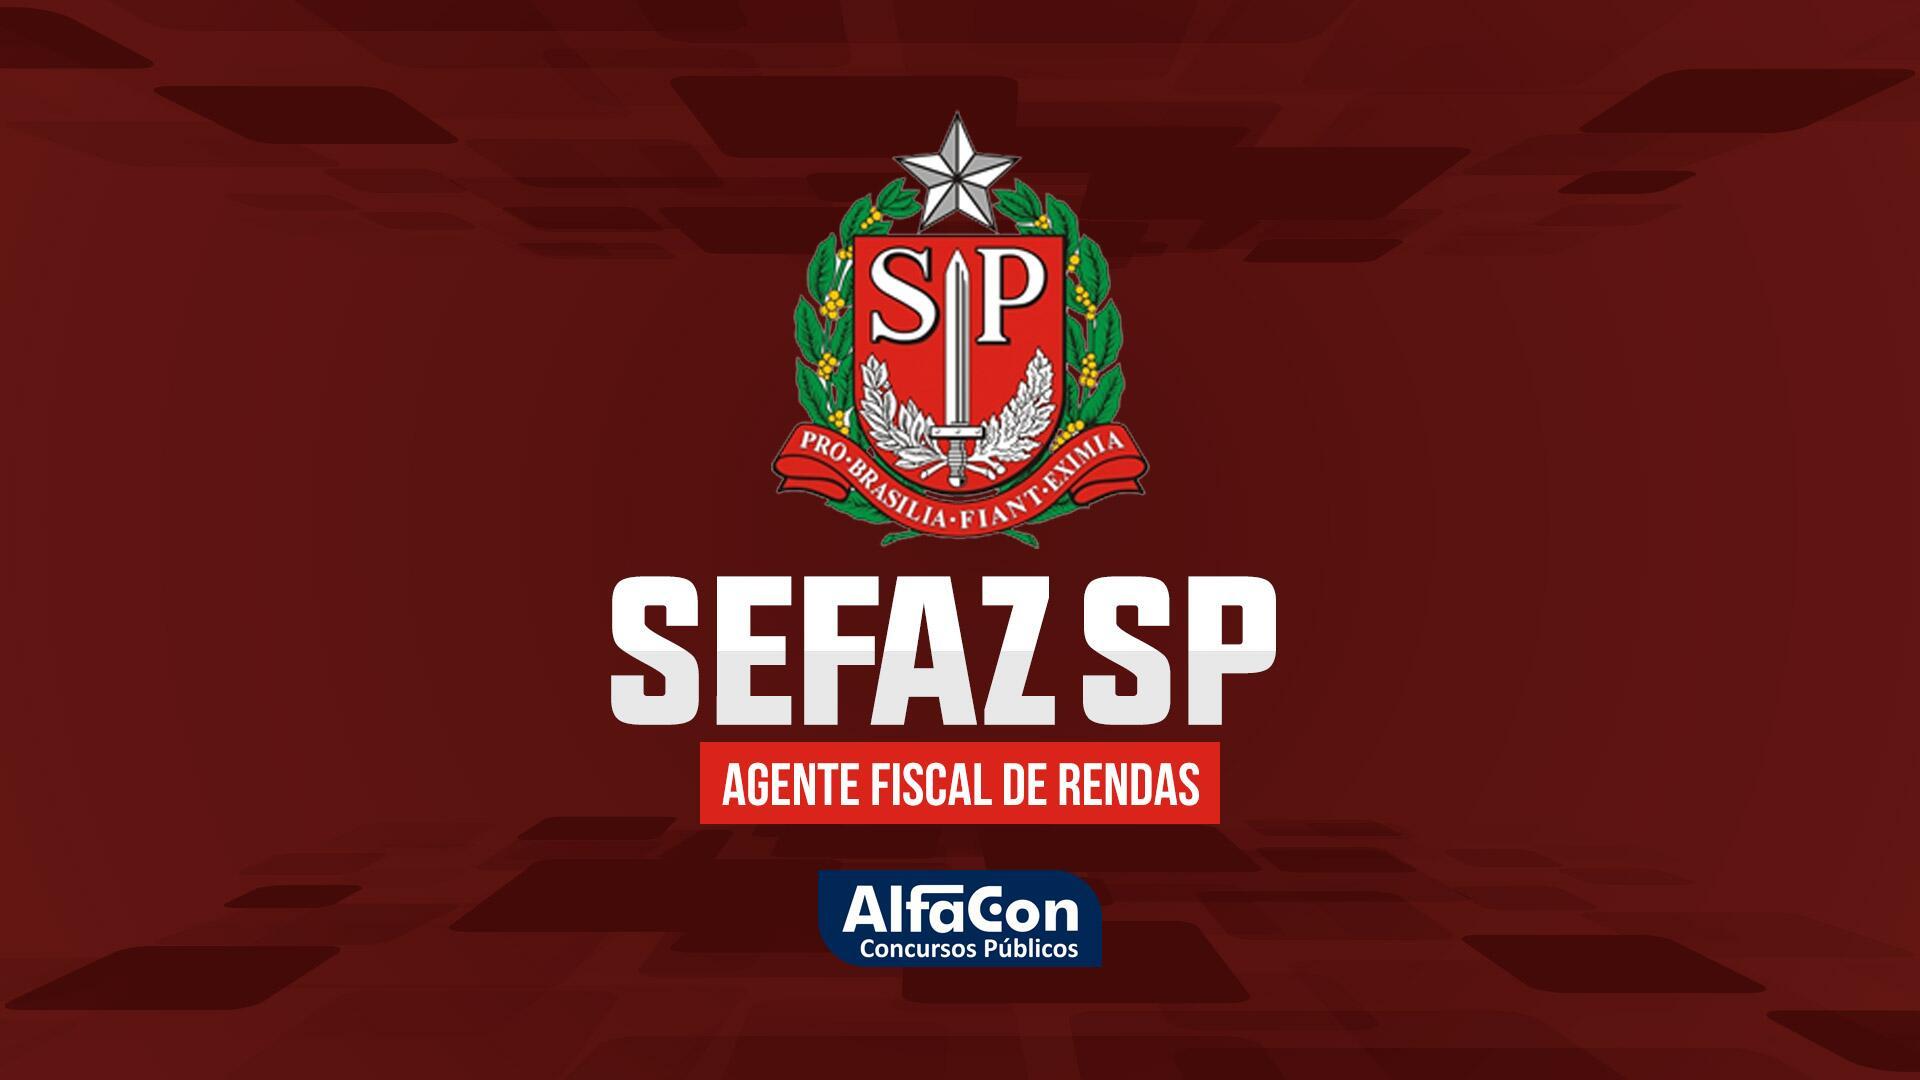 Agente Fiscal de Rendas - SEFAZ SP